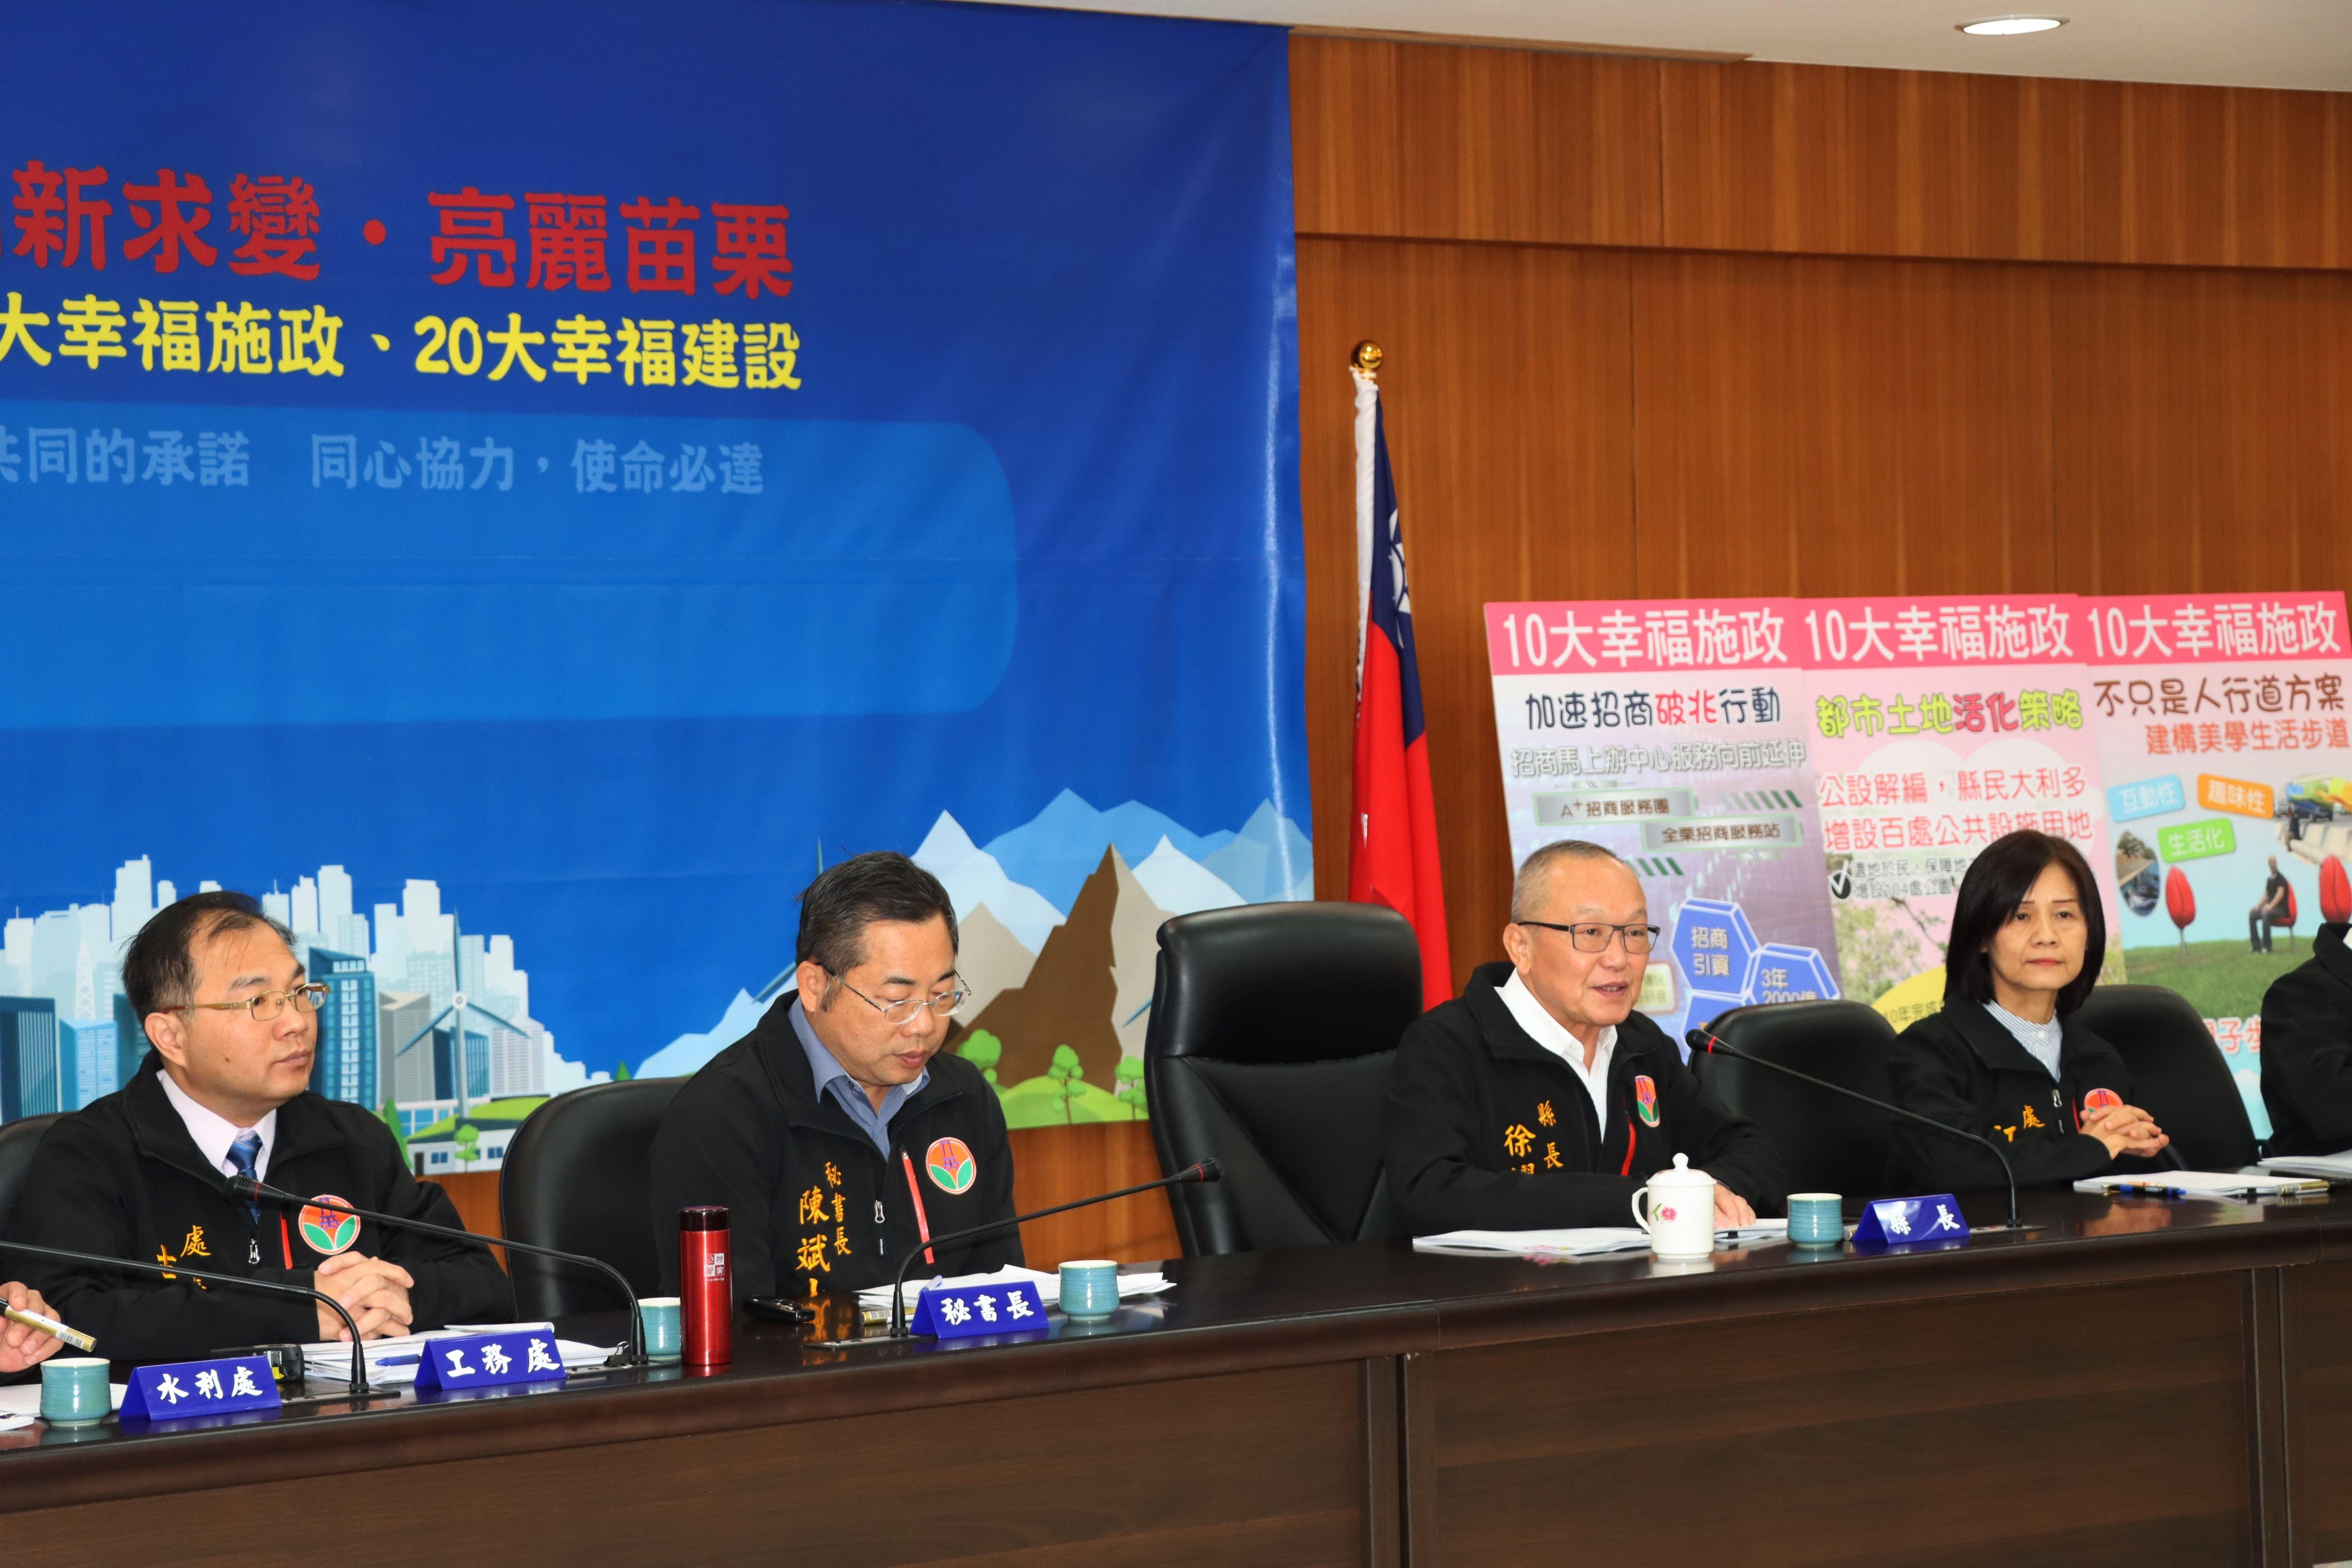 縣長徐耀昌率縣府團隊向鄉親提出未來施政計畫  宣示同心協力 引領苗栗不斷創新精進